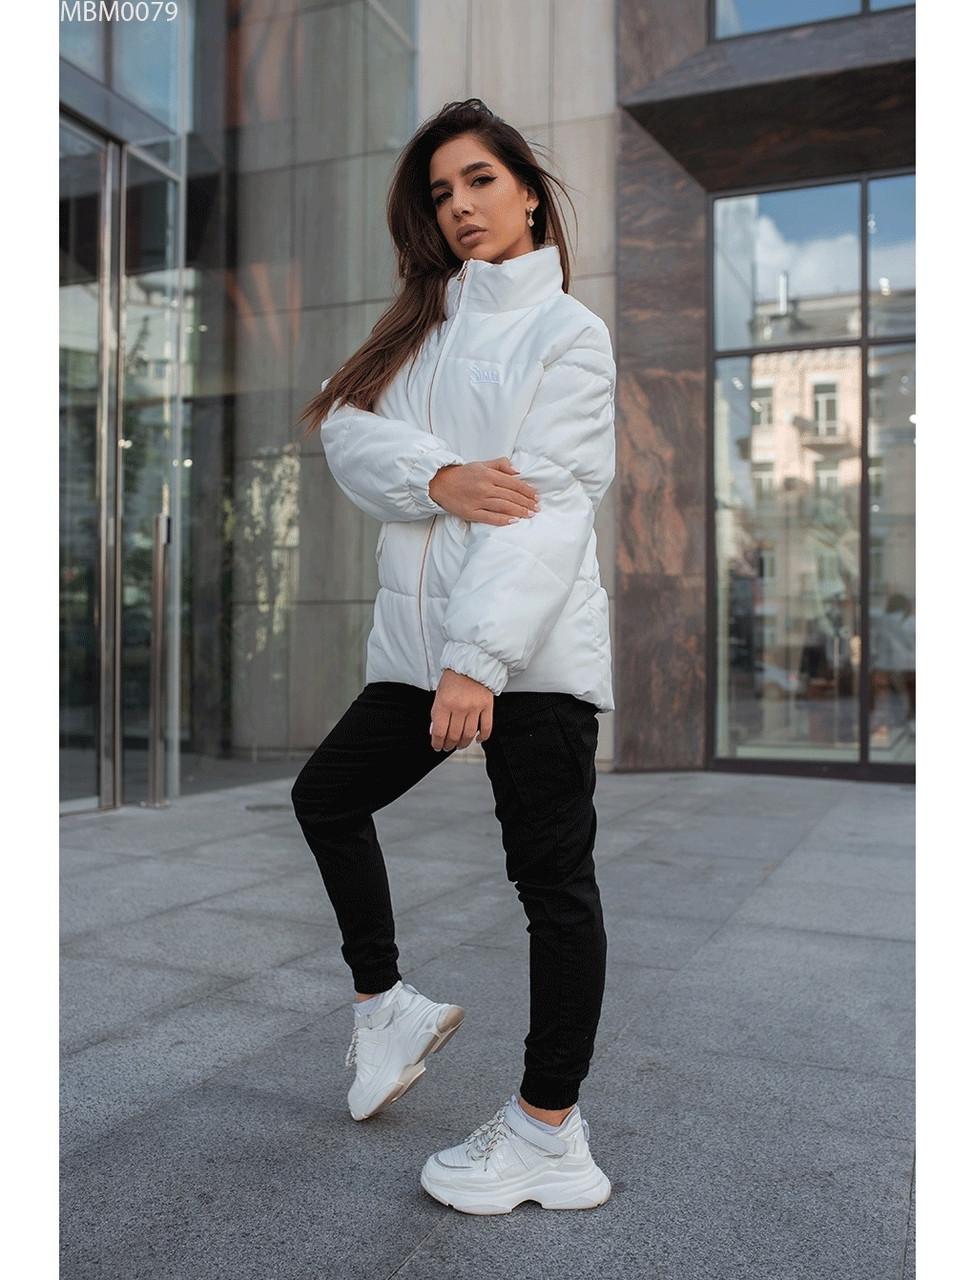 Женская зимняя куртка Staff gerber white. [Размеры в наличии: L]